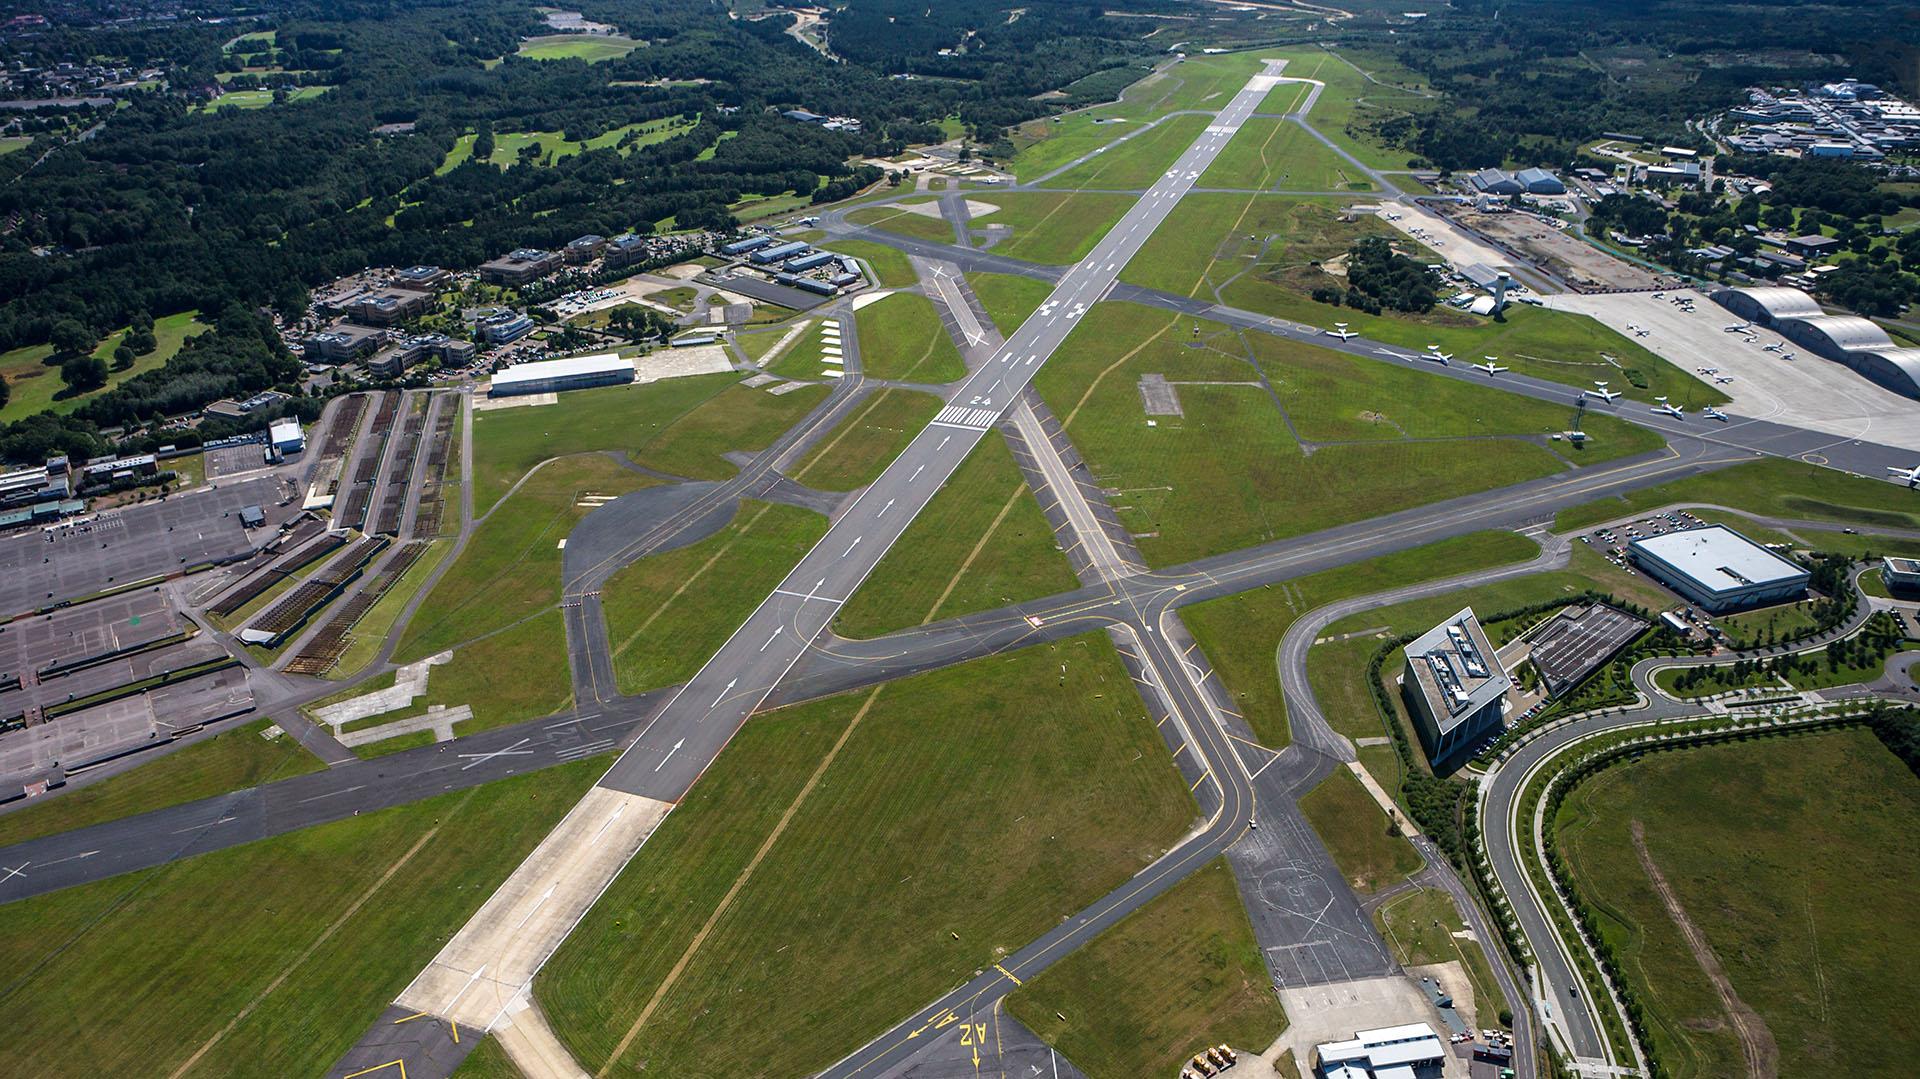 El aeropuerto de Farnborough (Getty)